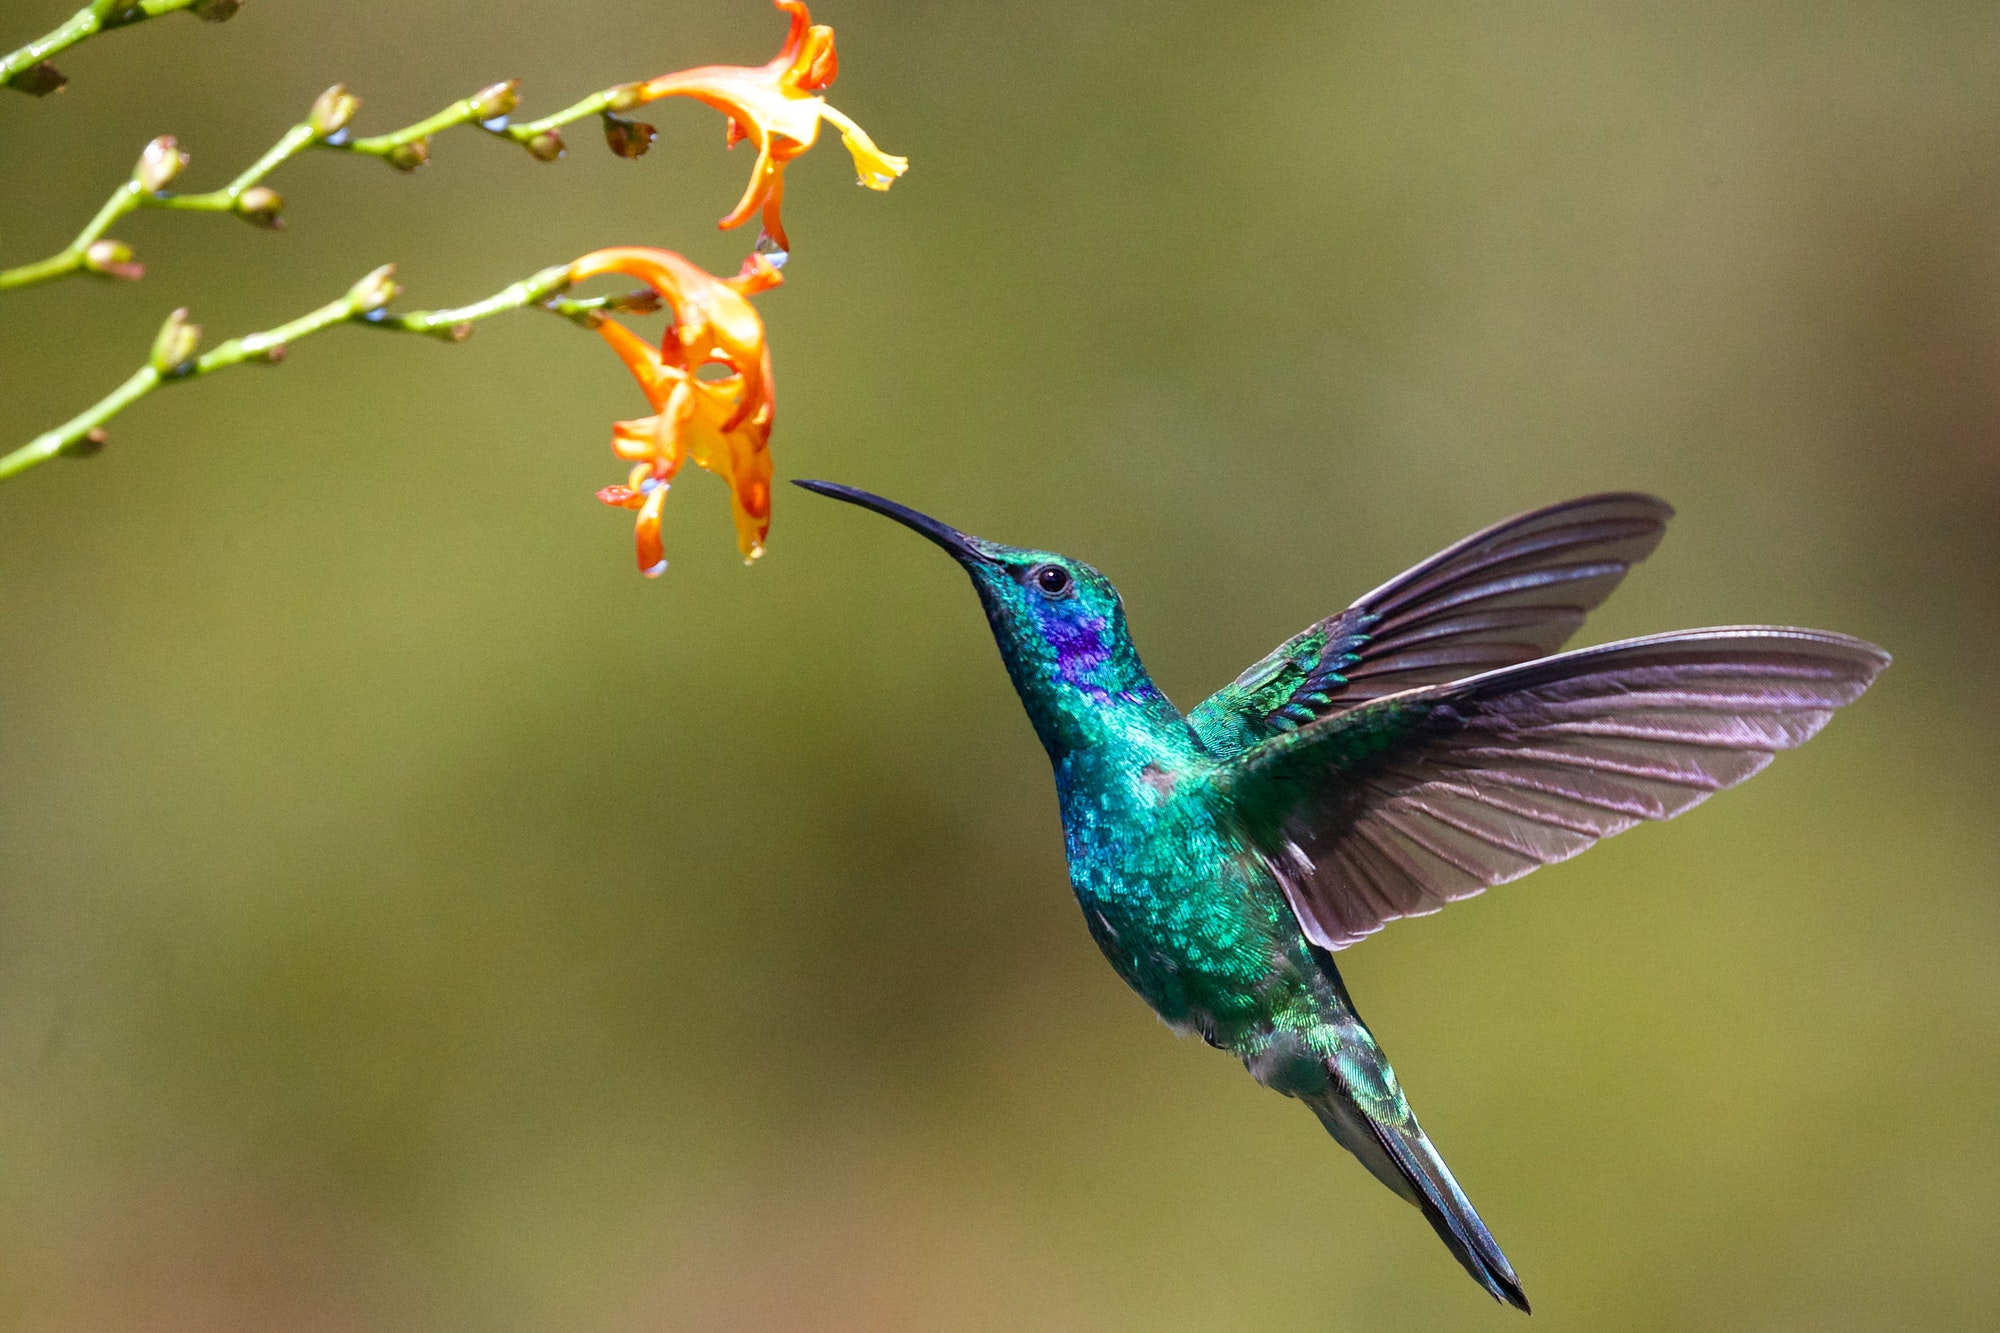 May contain: animal, bird, and hummingbird